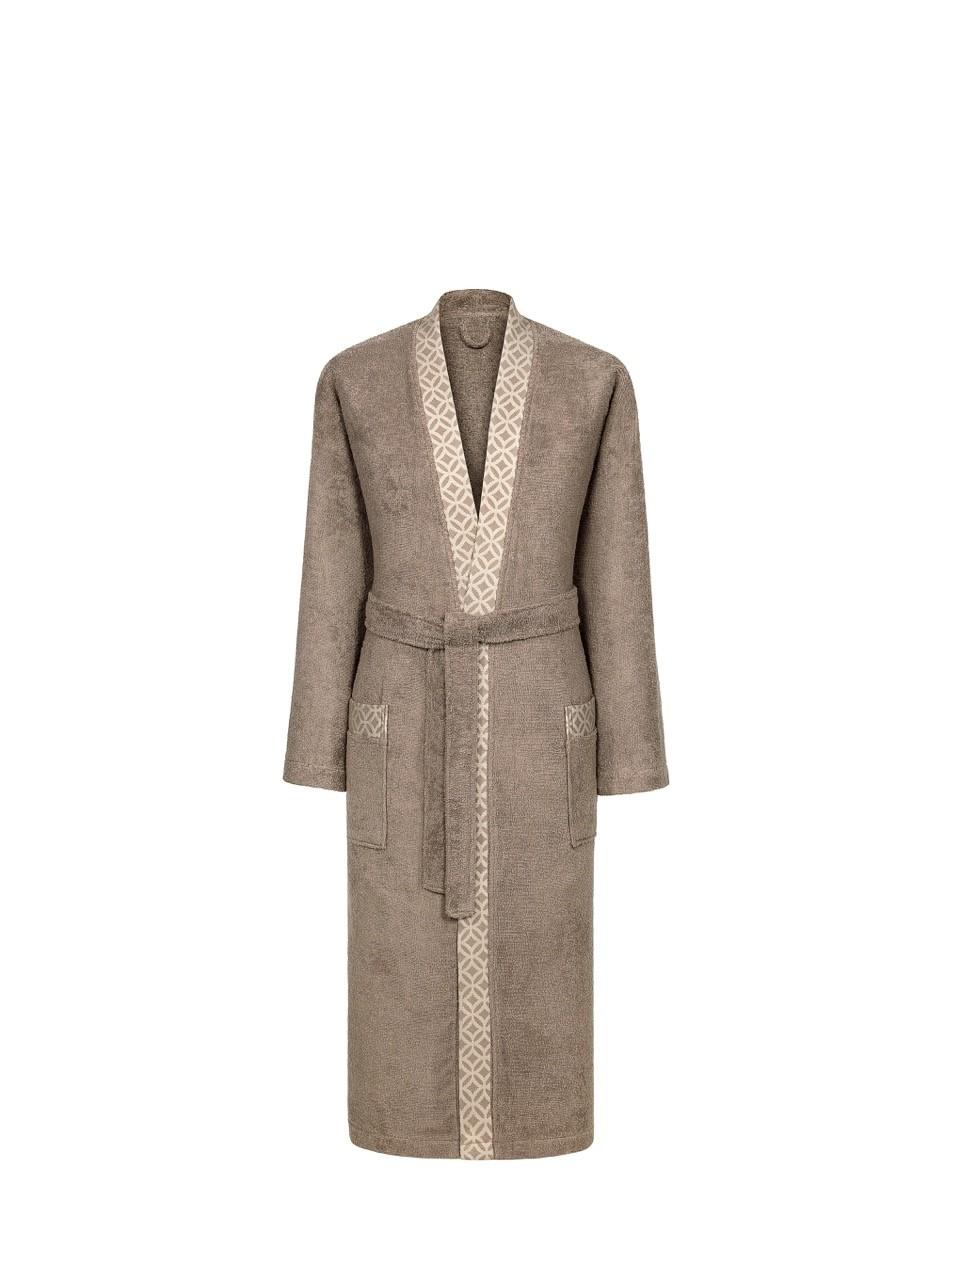 Сауны, бани и оборудование CLASSIC by T Халат Милан Цвет: Коричневый (L) купить шелковый халат мужской спб